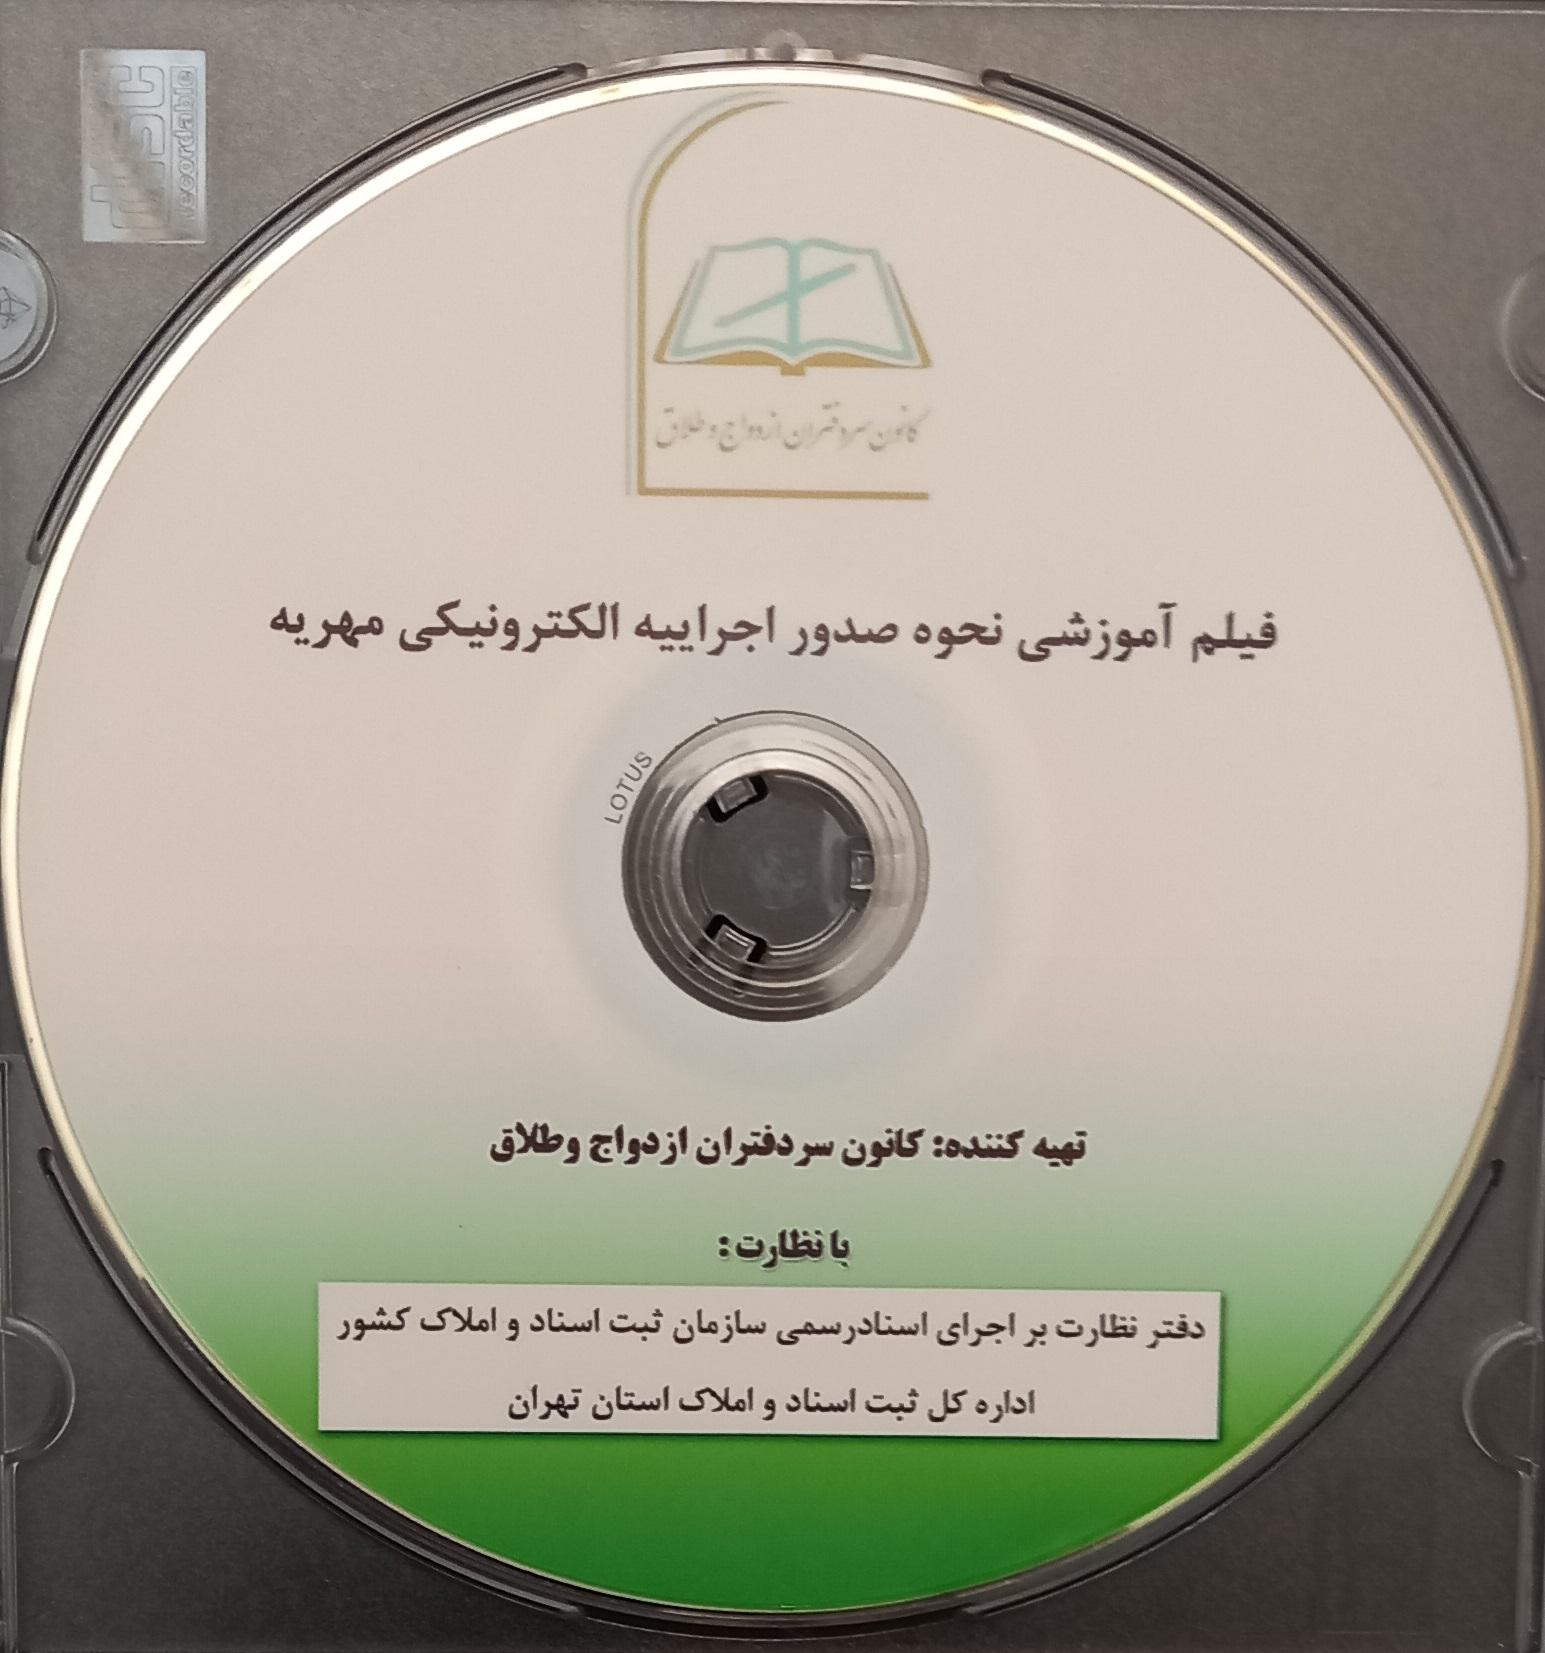 فیلم آموزشی نحوه صدور اجرائیه الکترونیکی مهریه